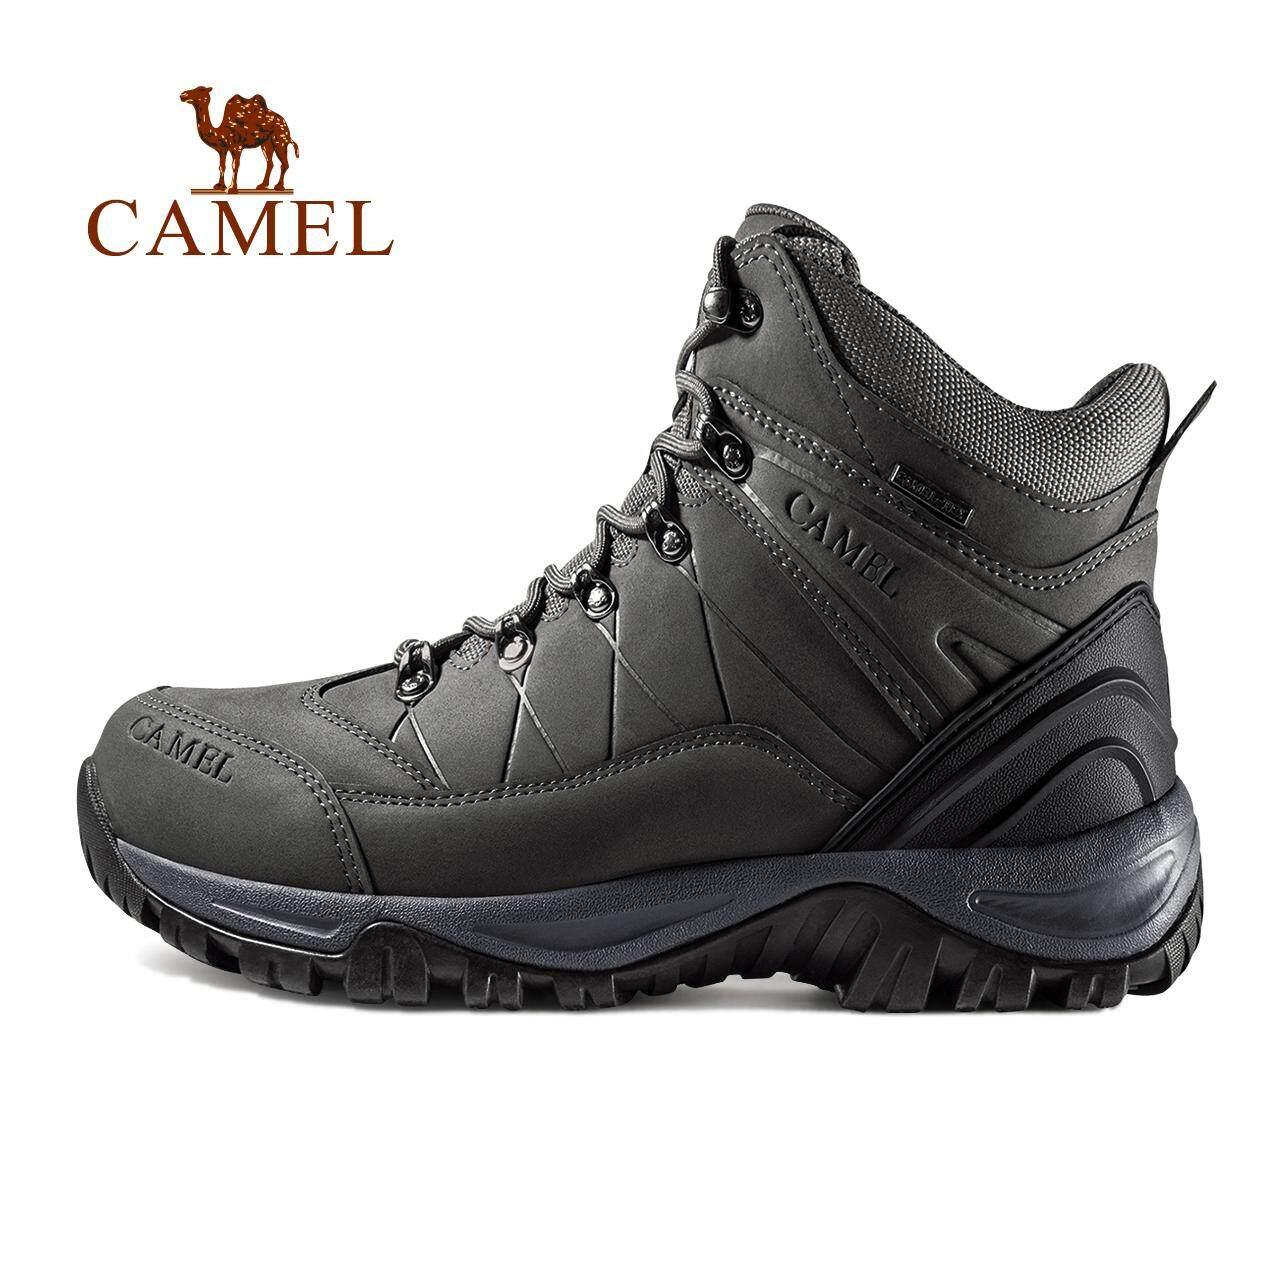 Unta Pria Tahan Air Hiking Sepatu Mendaki Bot Suede Termal Musim Dingin  Outdoor Mountain Sneakers Tinggi 6879b8b7b0